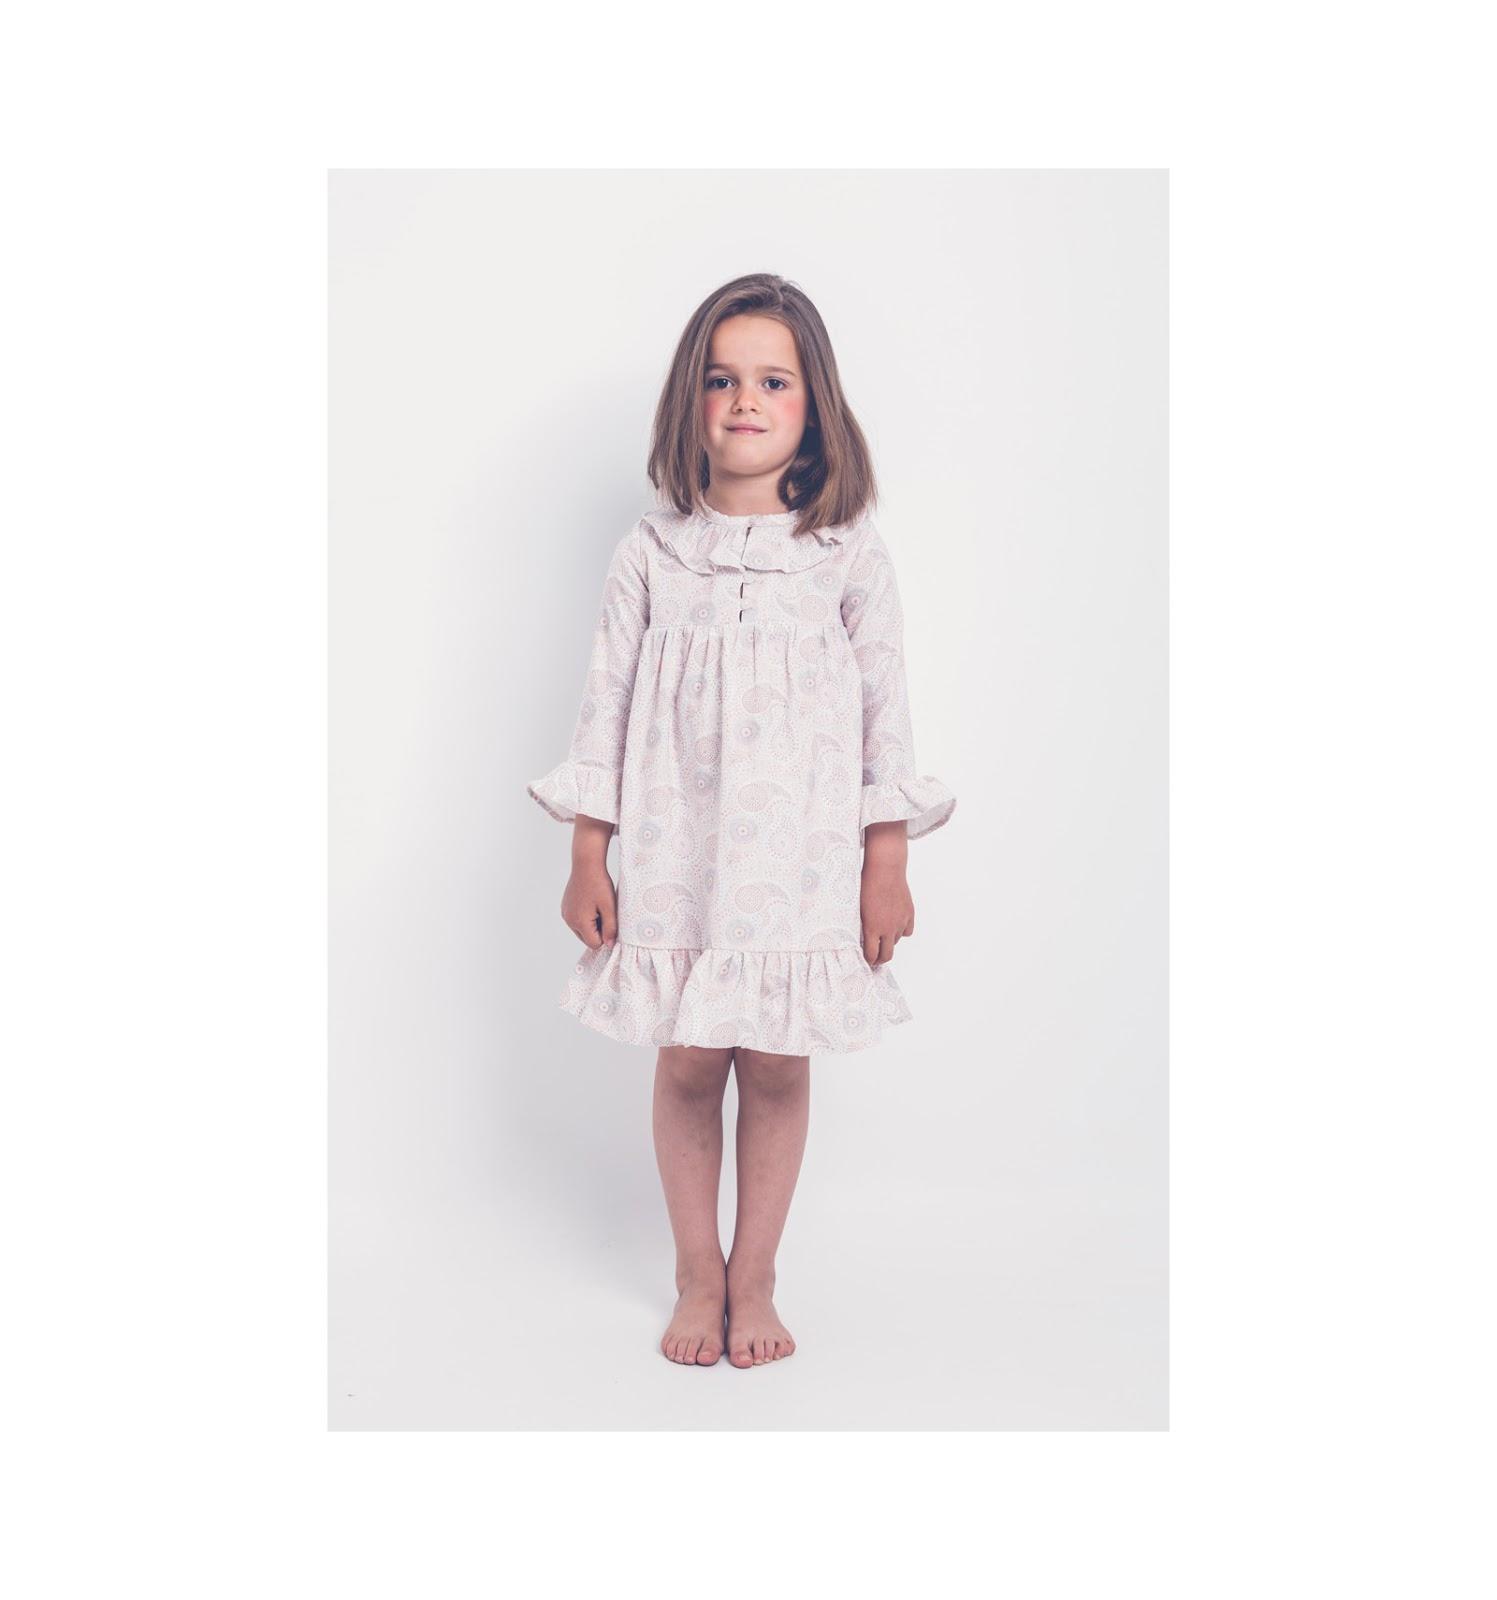 0112755feb48 Pijamas para niños clásicos y elegantes - Mon Petit Nicolas